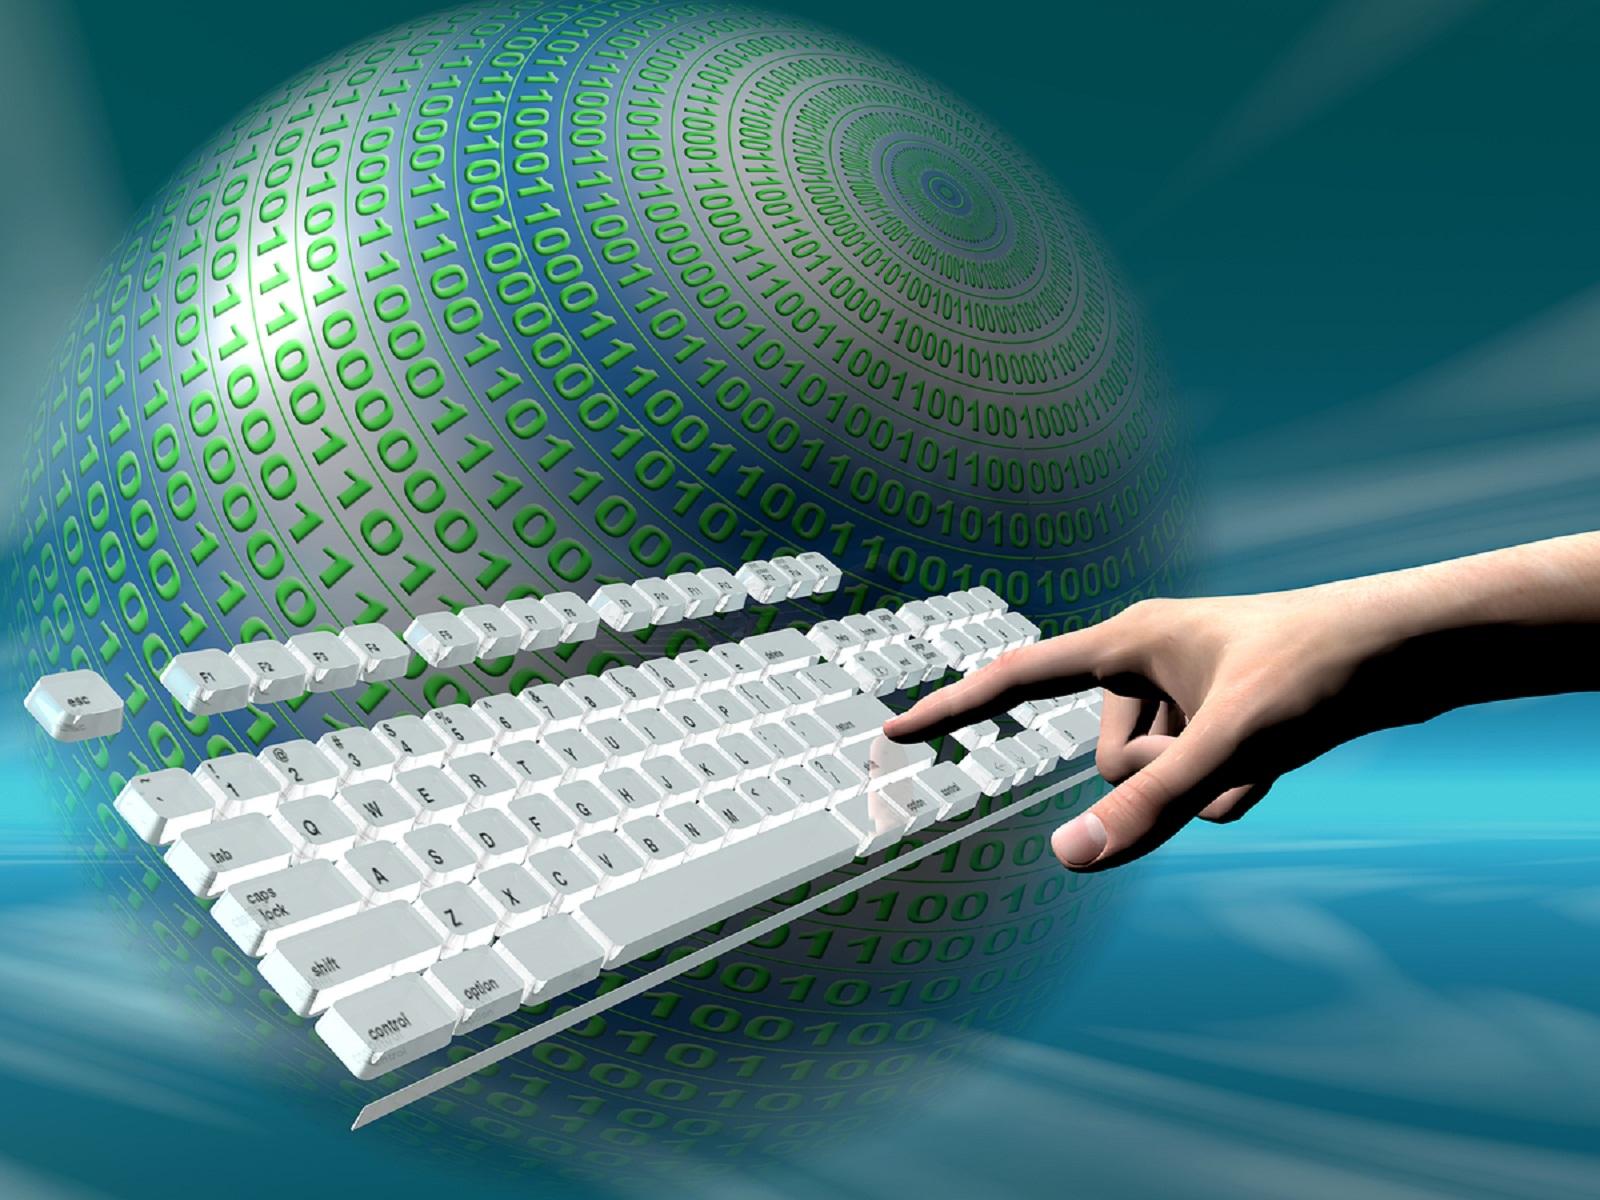 http://4.bp.blogspot.com/-zTtzhi44fHo/TrKvHFLX2LI/AAAAAAAAANQ/ciNj_EYop10/s1600/Keyboard.jpg